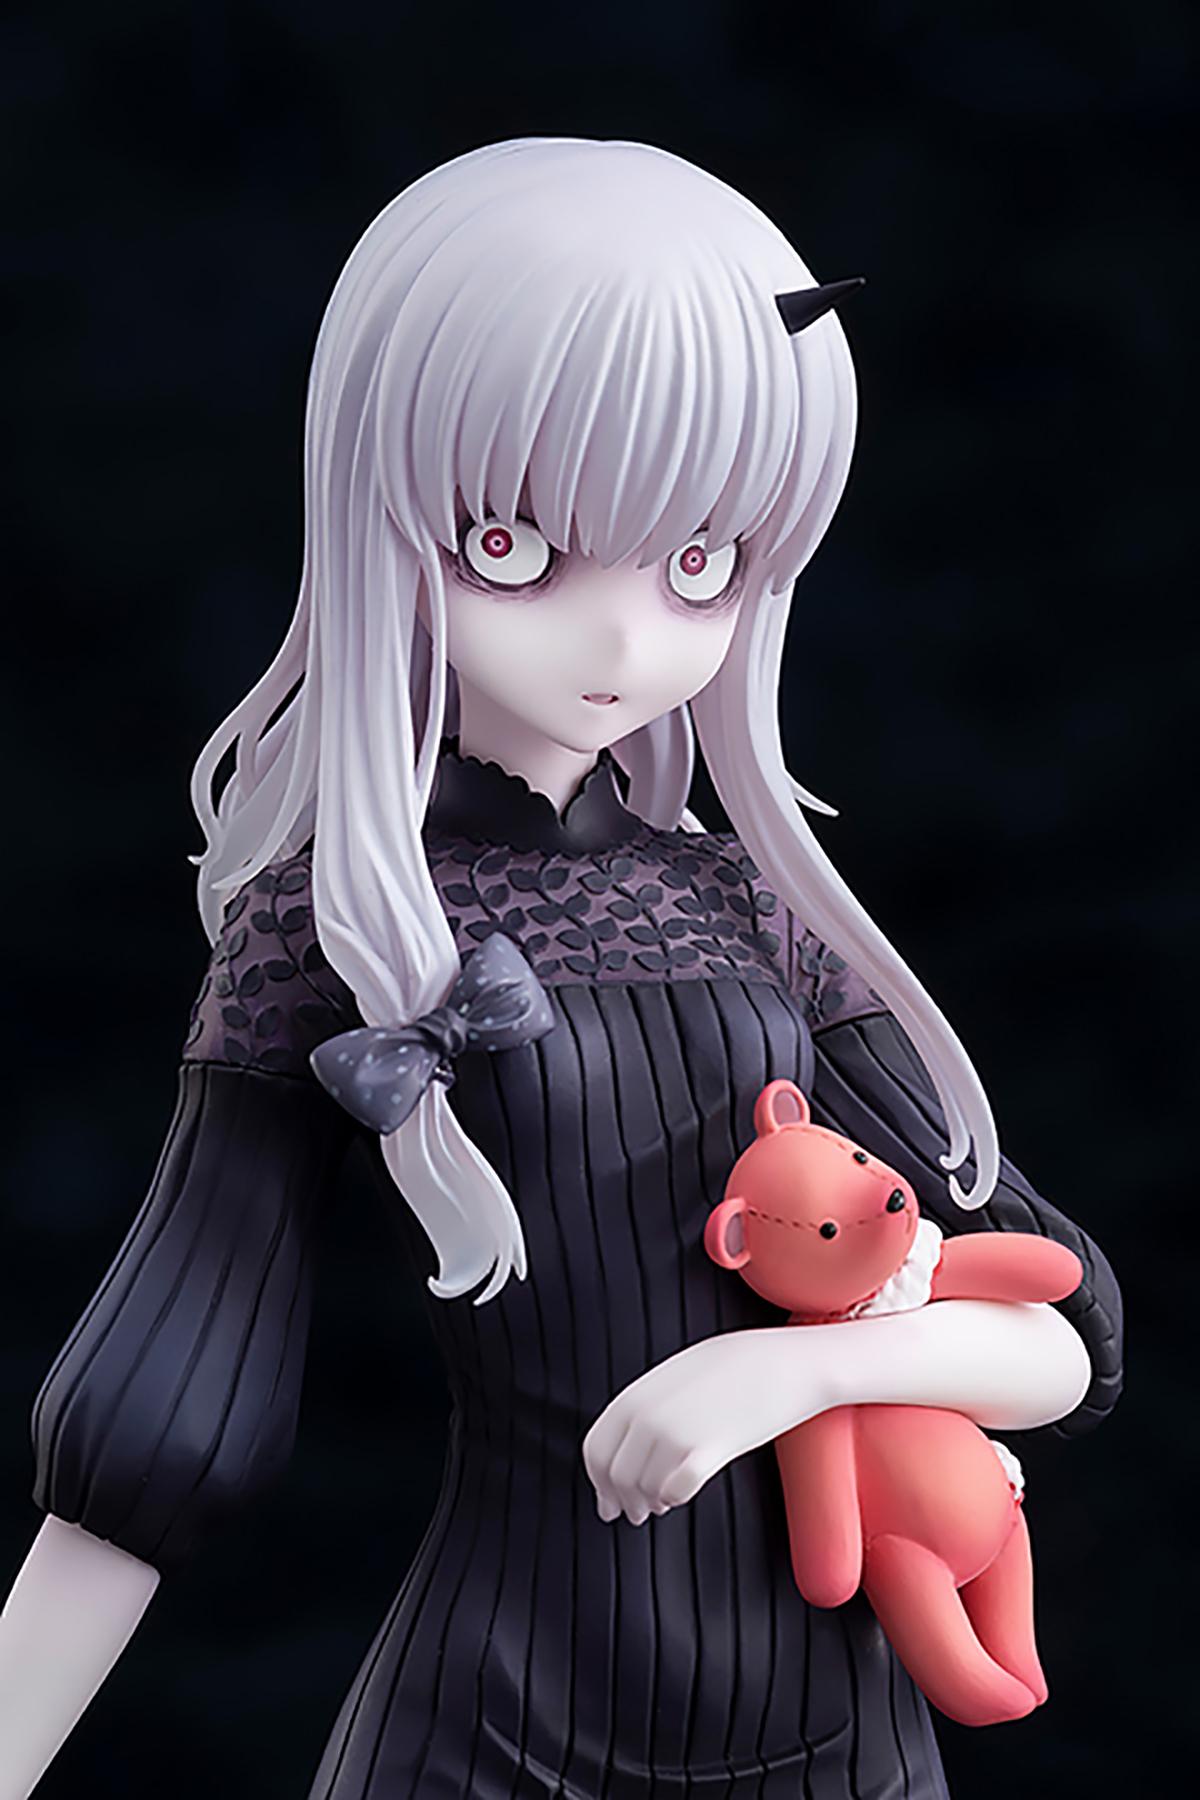 【限定販売】Fate/Grand Order『フォーリナー/アビゲイル・ウィリアムズ&ラヴィニア・ウェイトリー セット』1/7 完成品フィギュア-013